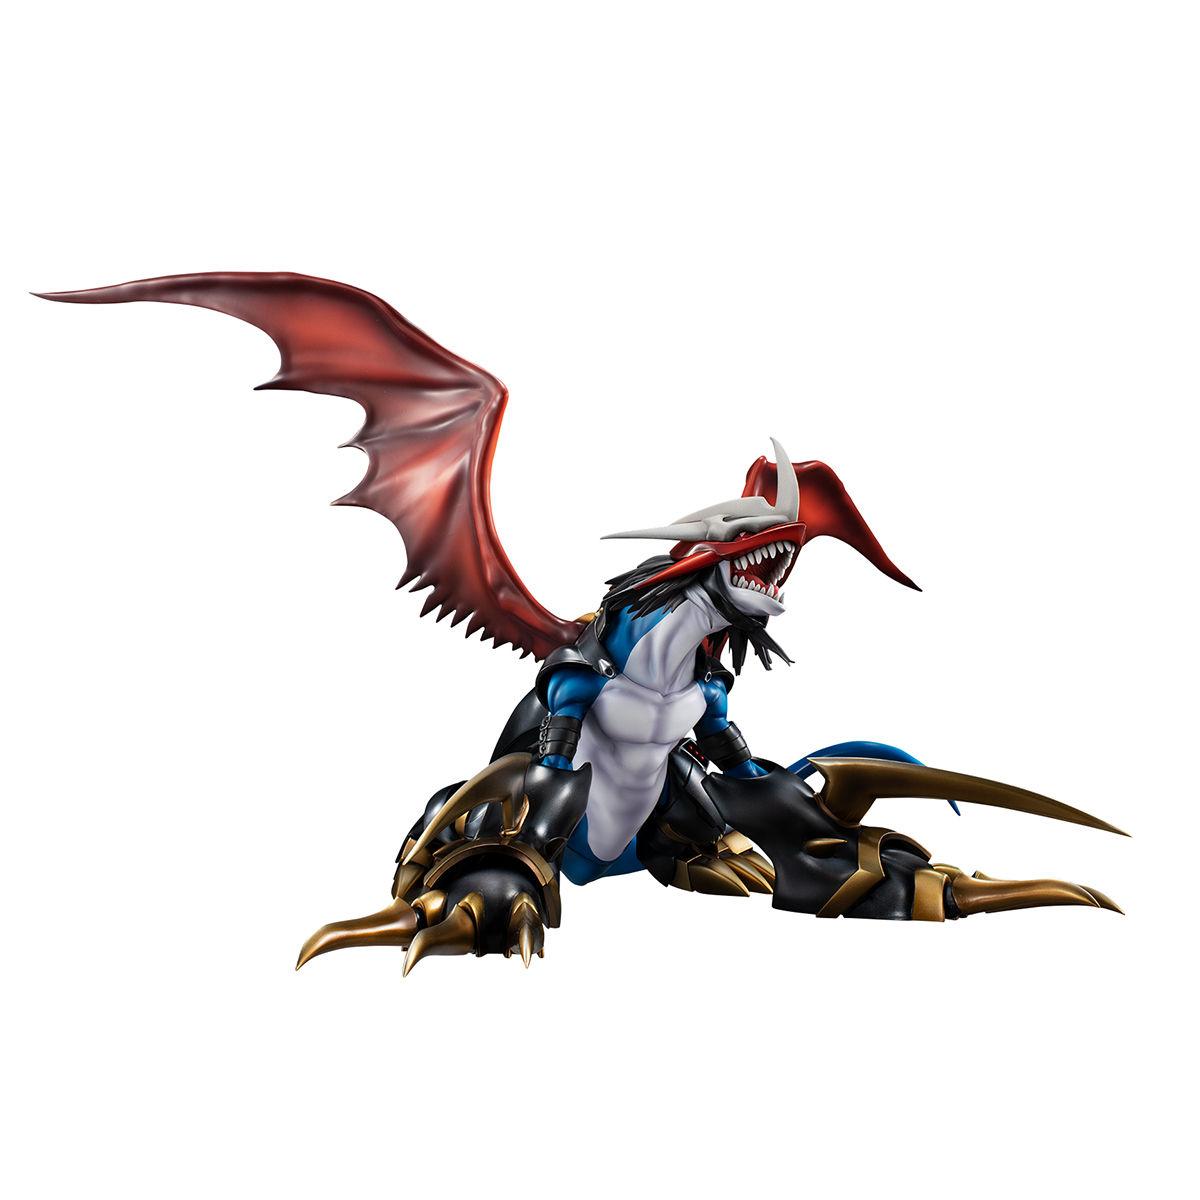 【限定販売】Precious G.E.M.シリーズ『インペリアルドラモン:ドラゴンモード』デジモンアドベンチャー02 完成品フィギュア-004